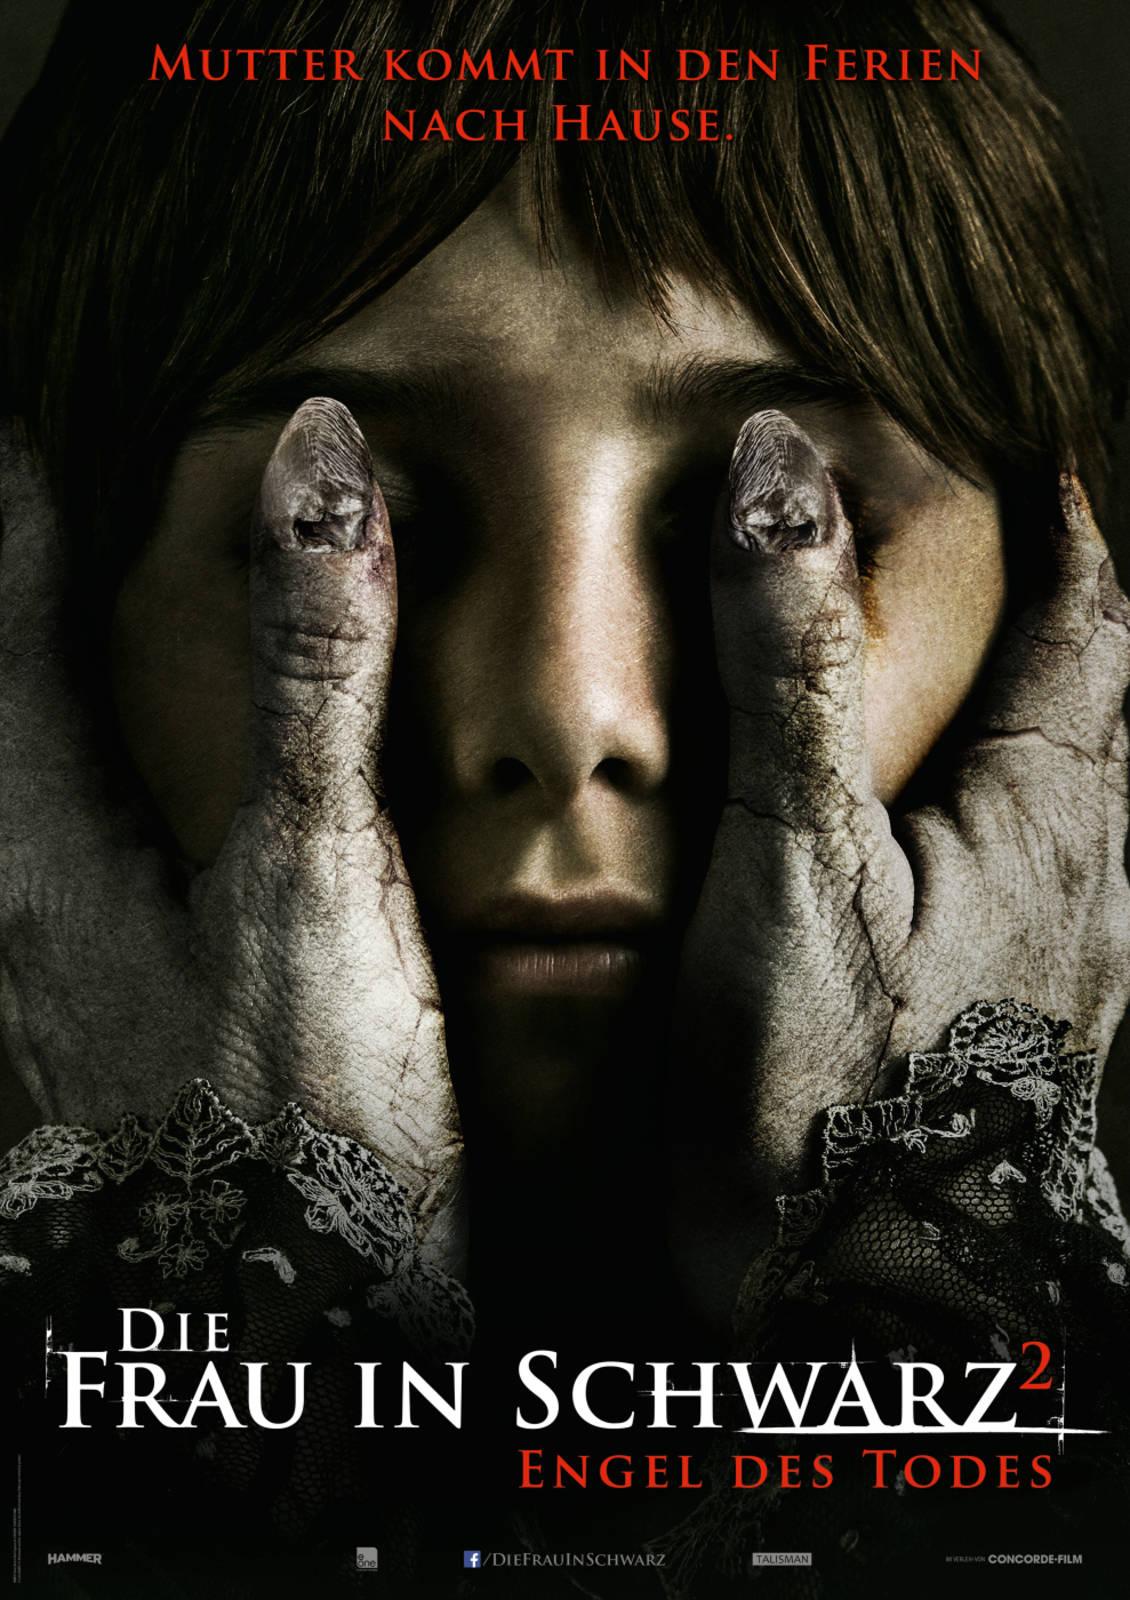 Film Die Frau In Schwarz 2 Engel Des Todes Cineman